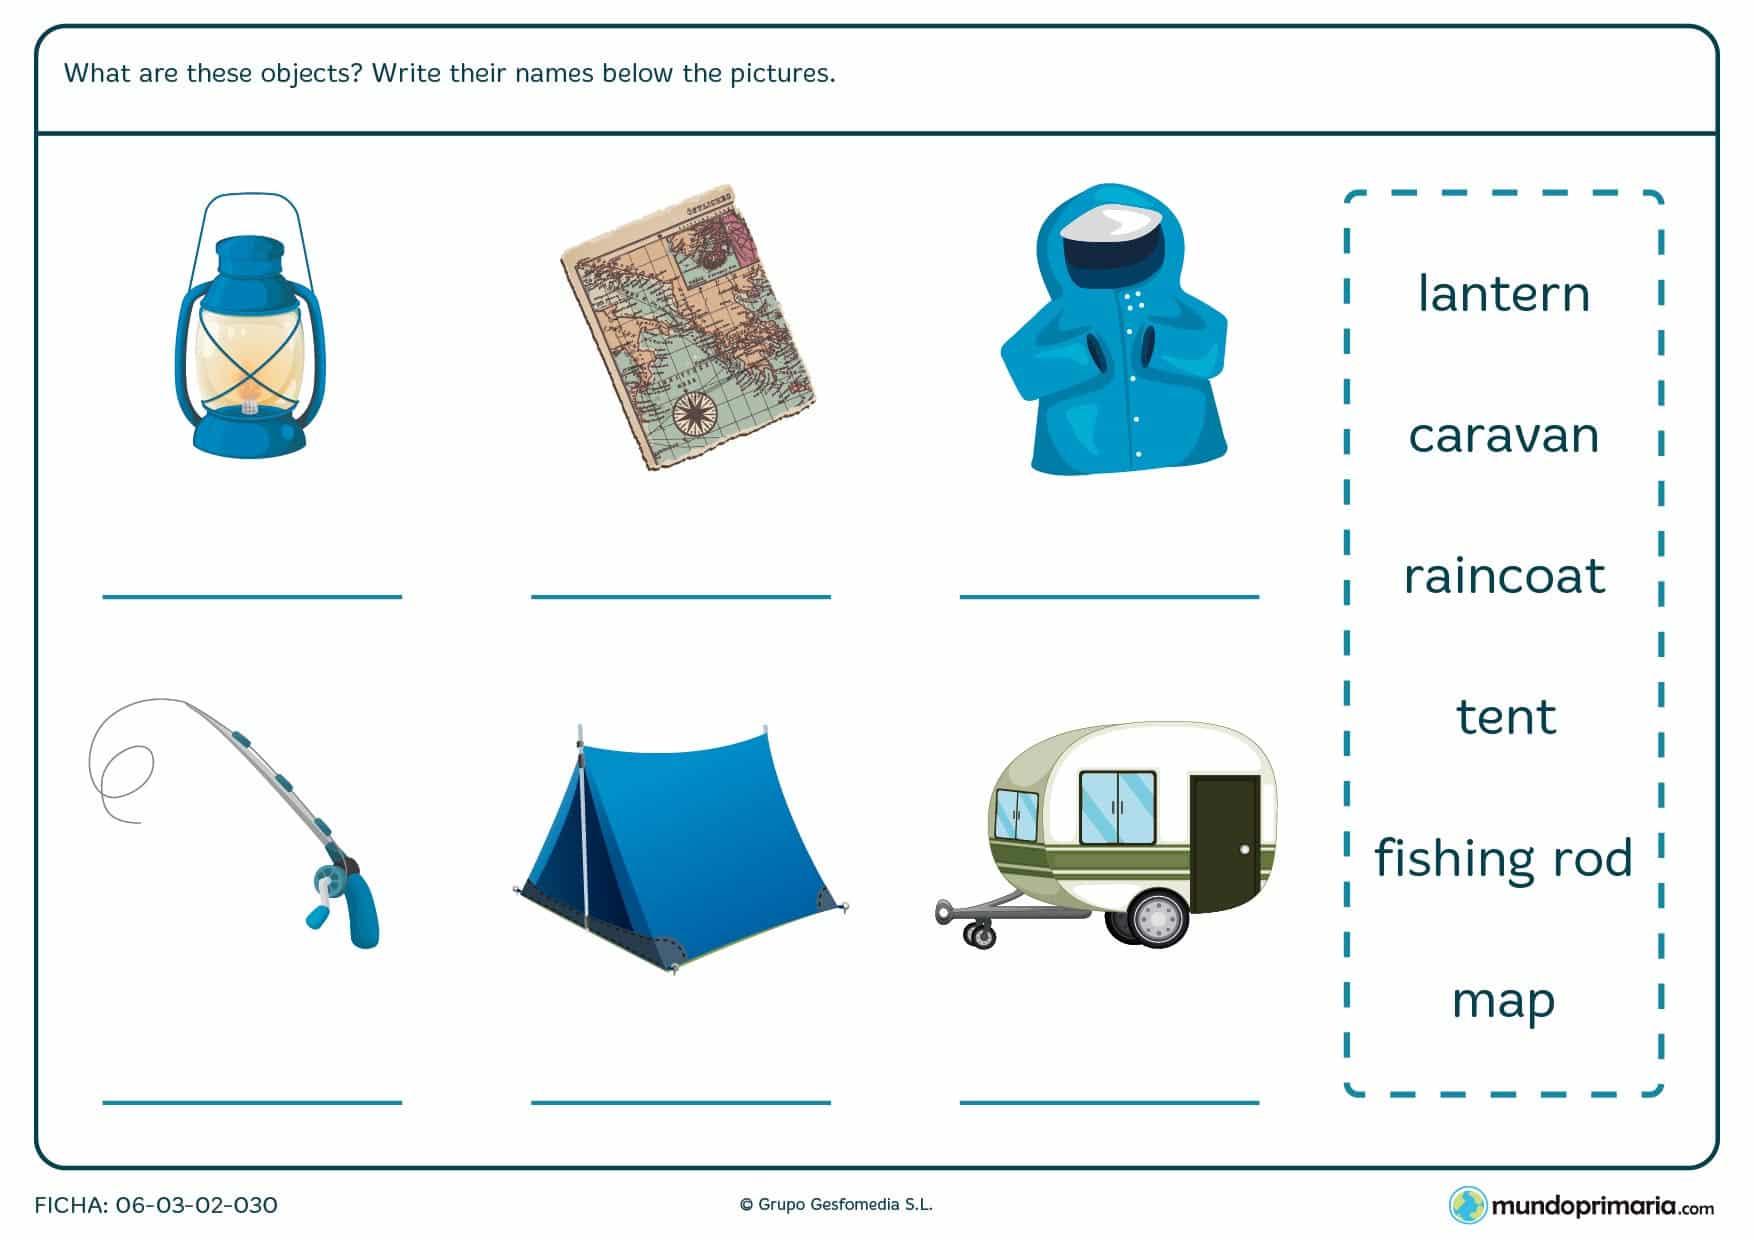 Ficha en la cual los niños deben escribir el nombre de cada objeto en inglés sobre camping.